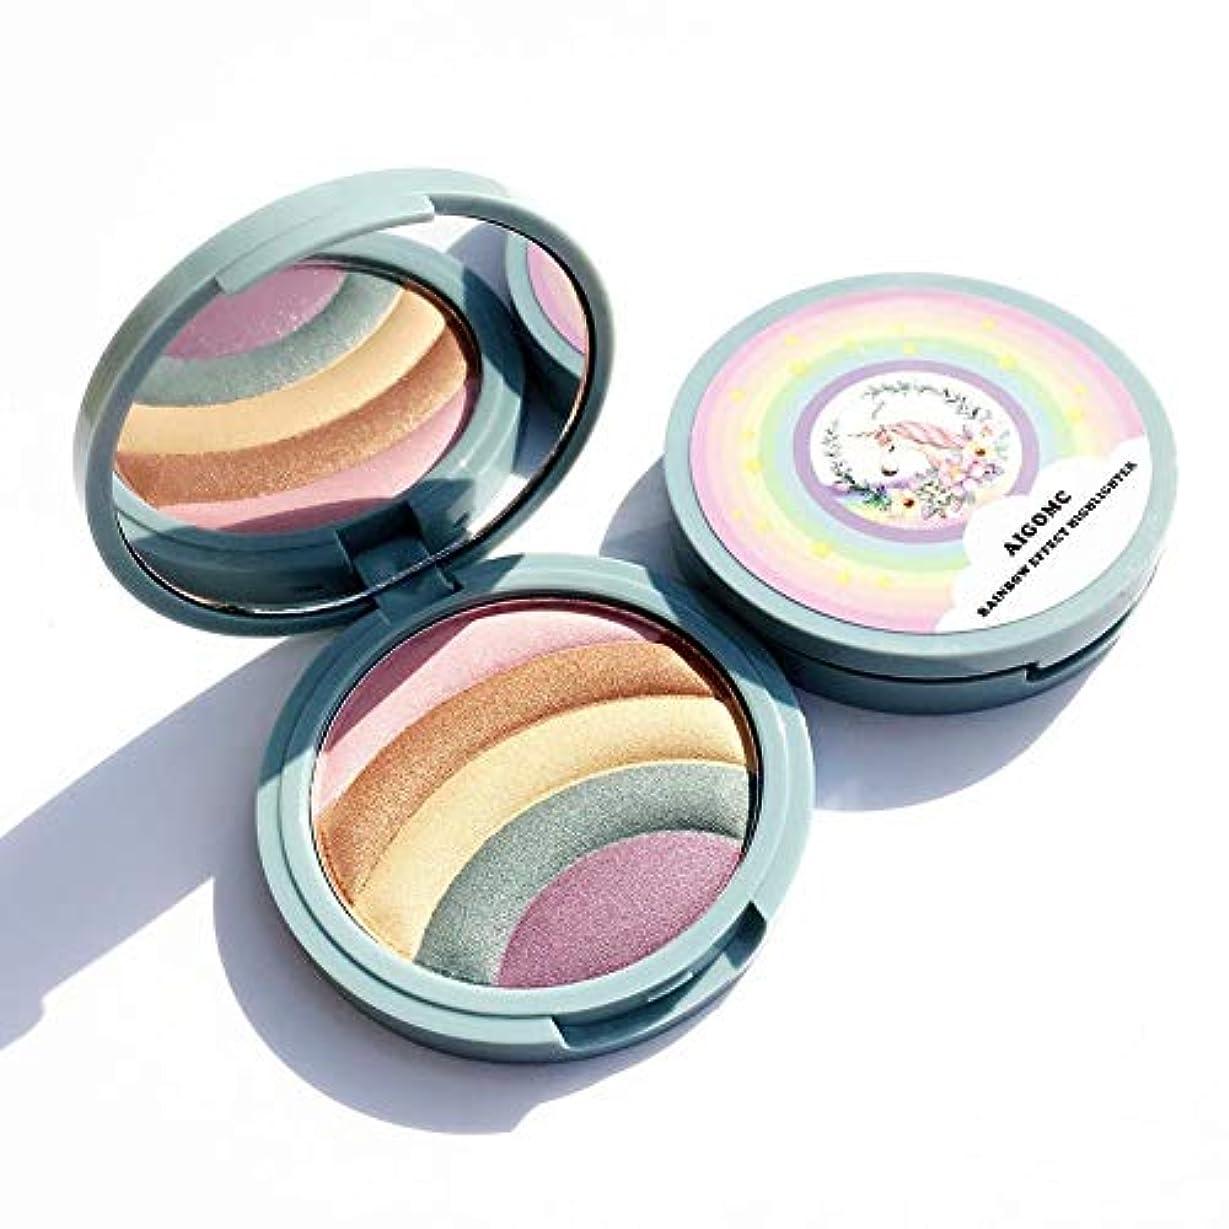 無謀製造女の子Brill(ブリーオ)最高のプロアイシャドウマットパレットメイクアイシャドウプロフェッショナル完璧なファイル暖かいナチュラルニュートラルスモーキーパレットアイメイクアップシルキーパウダー化粧品5色